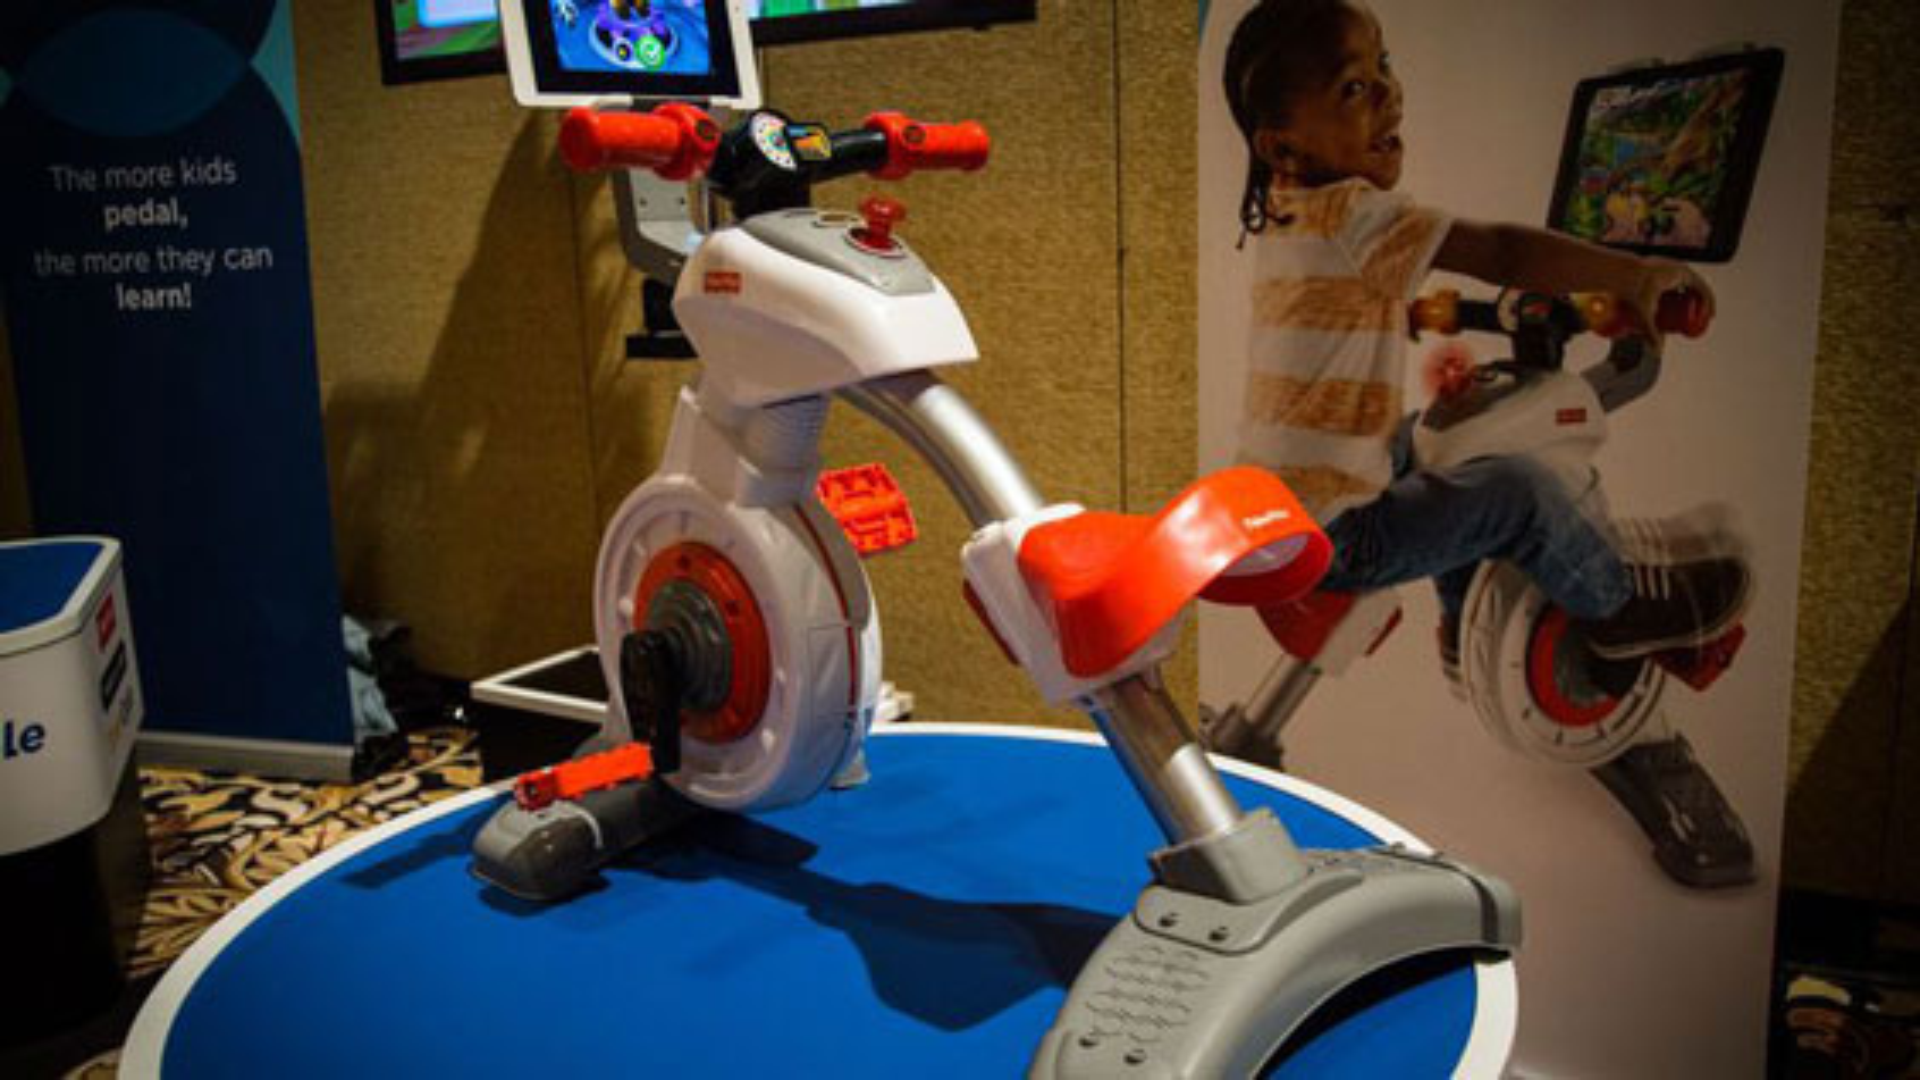 آموزش کودکان با دوچرخه هوشمند | فیلم